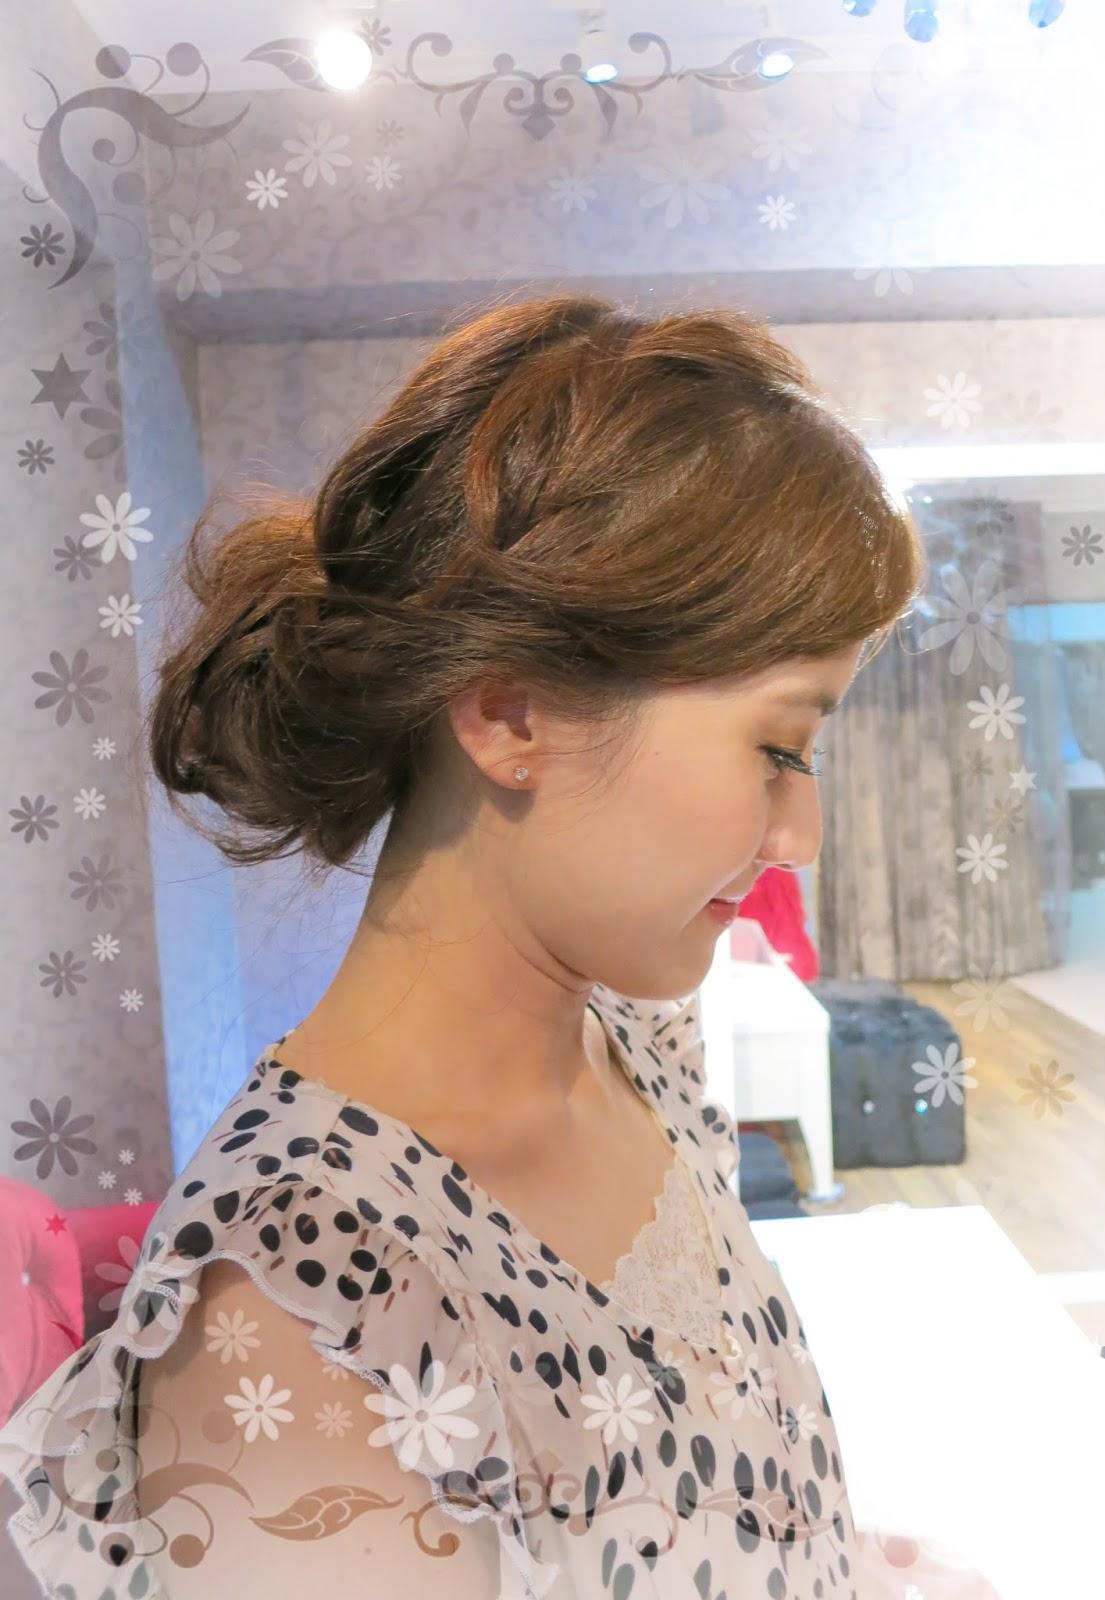 韓式髮髻綁法|- 韓式髮髻綁法| - 快熱資訊 - 走進時代